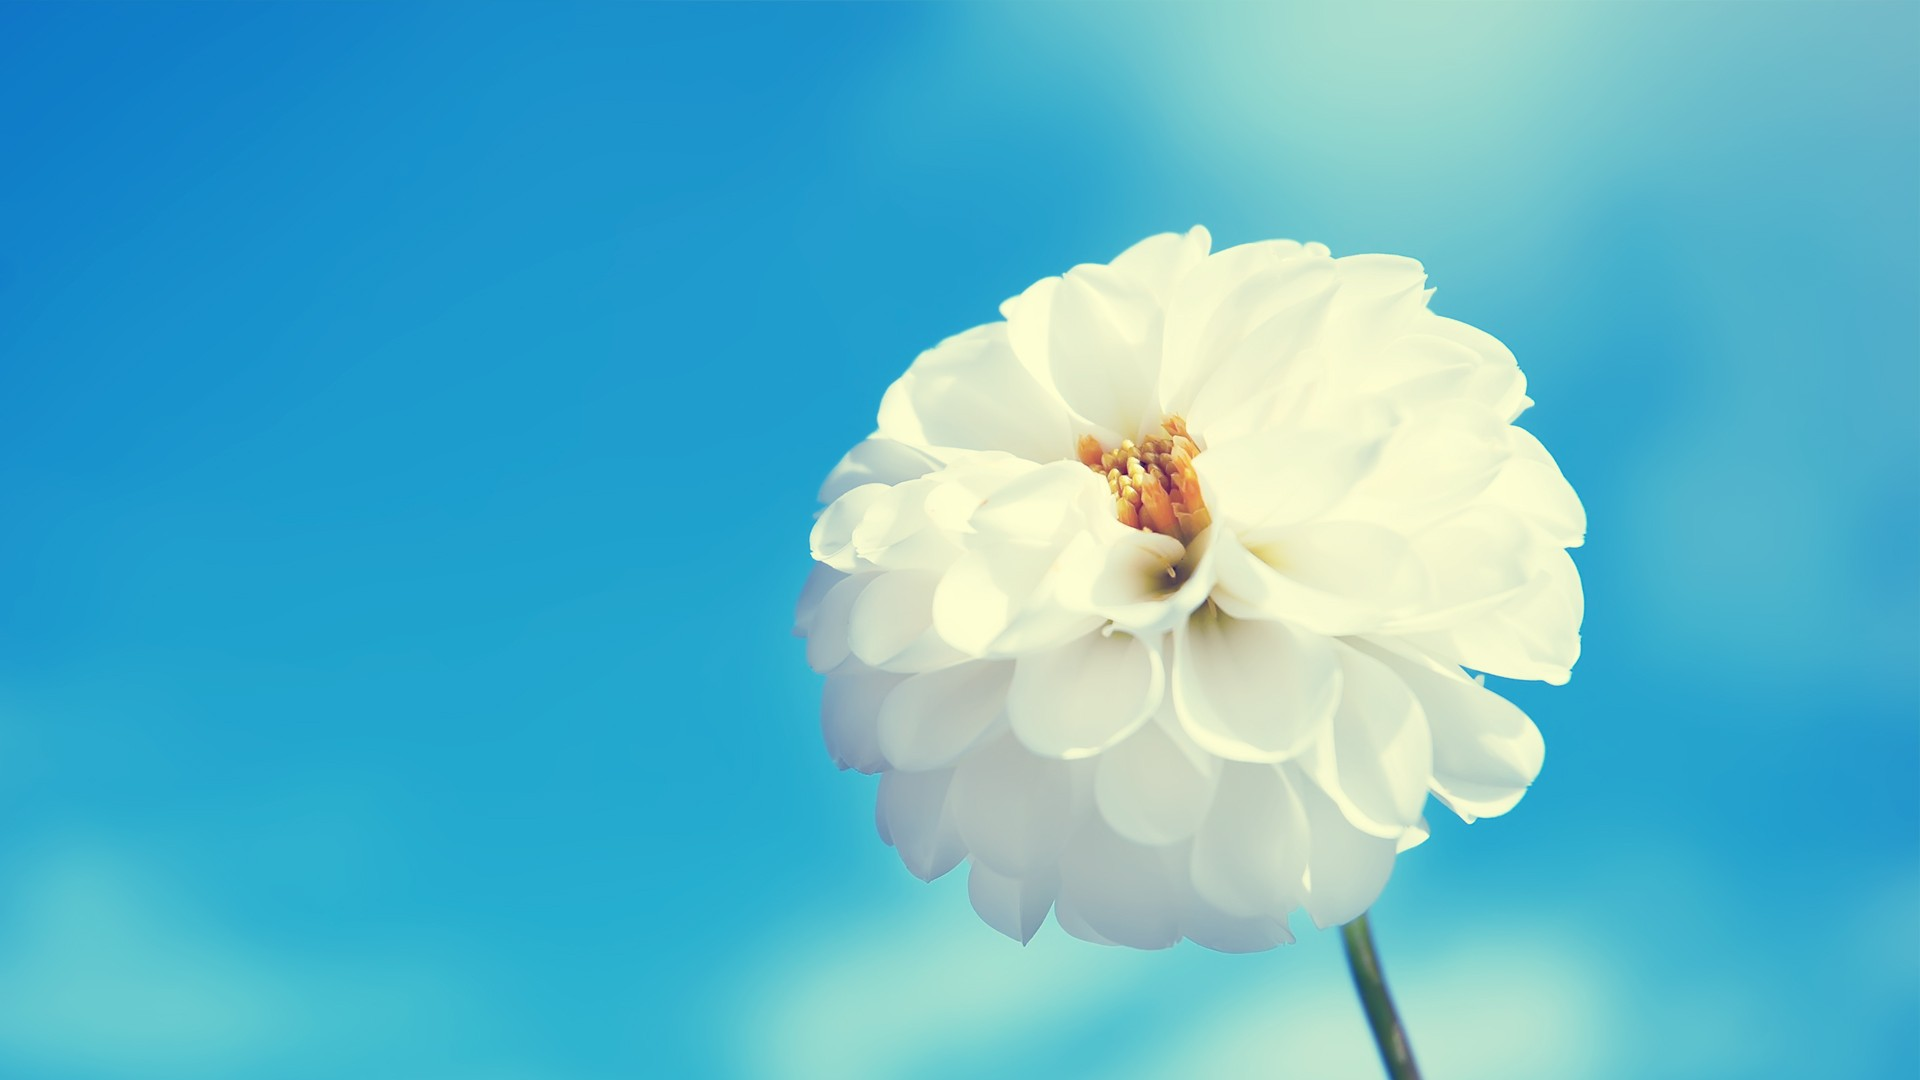 White Flower Alone Wallpaper